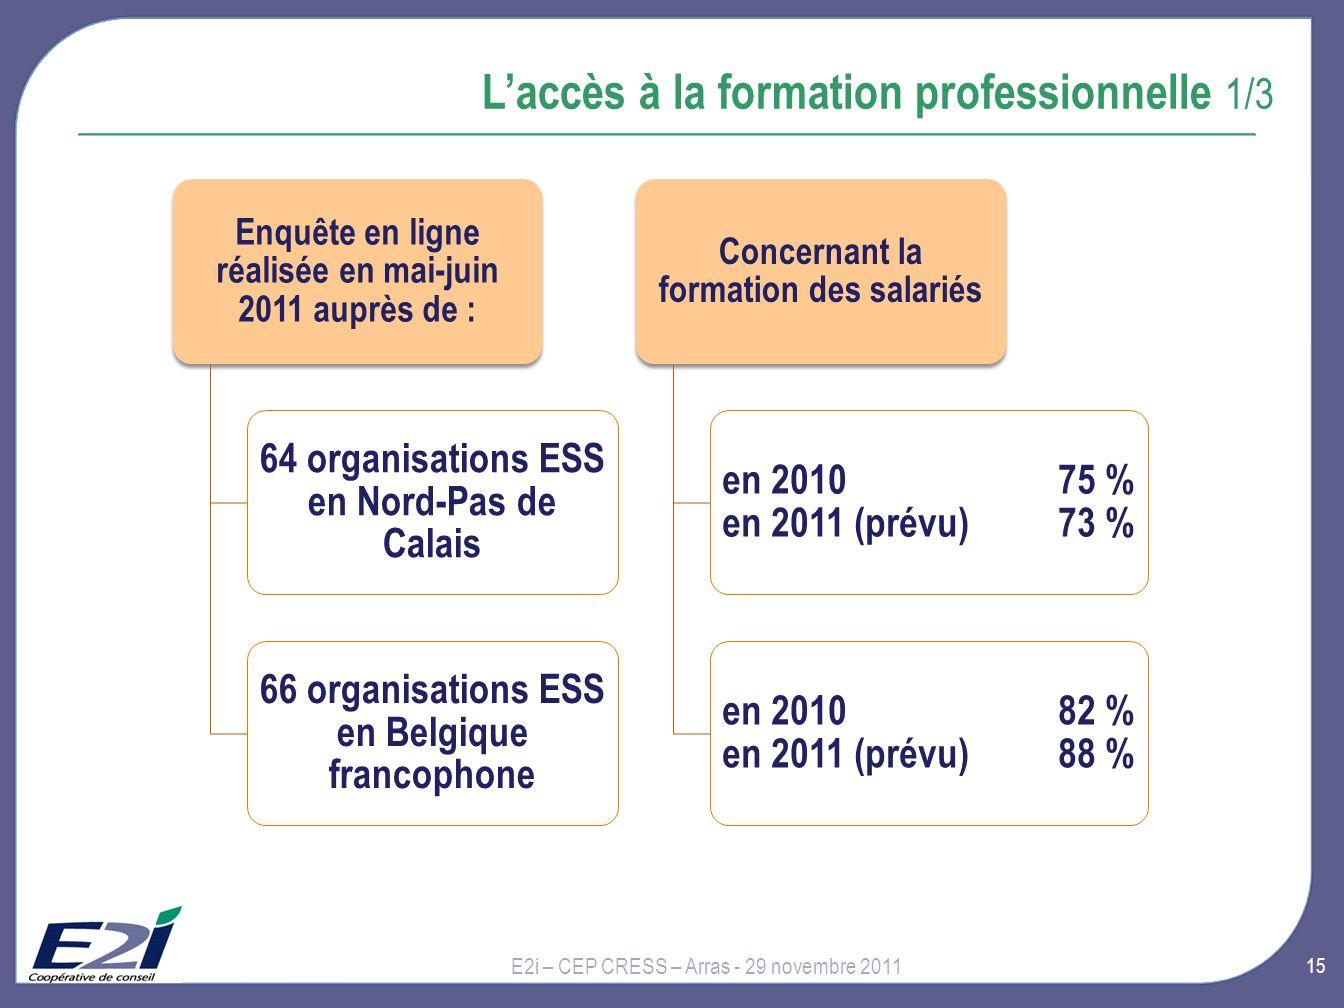 15 Laccès à la formation professionnelle 1/3 E2i – CEP CRESS – Arras - 29 novembre 2011 Enquête en ligne réalisée en mai-juin 2011 auprès de : 64 organisations ESS en Nord-Pas de Calais 66 organisations ESS en Belgique francophone Concernant la formation des salariés en 2010 75 % en 2011 (prévu) 73 % en 2010 82 % en 2011 (prévu) 88 %